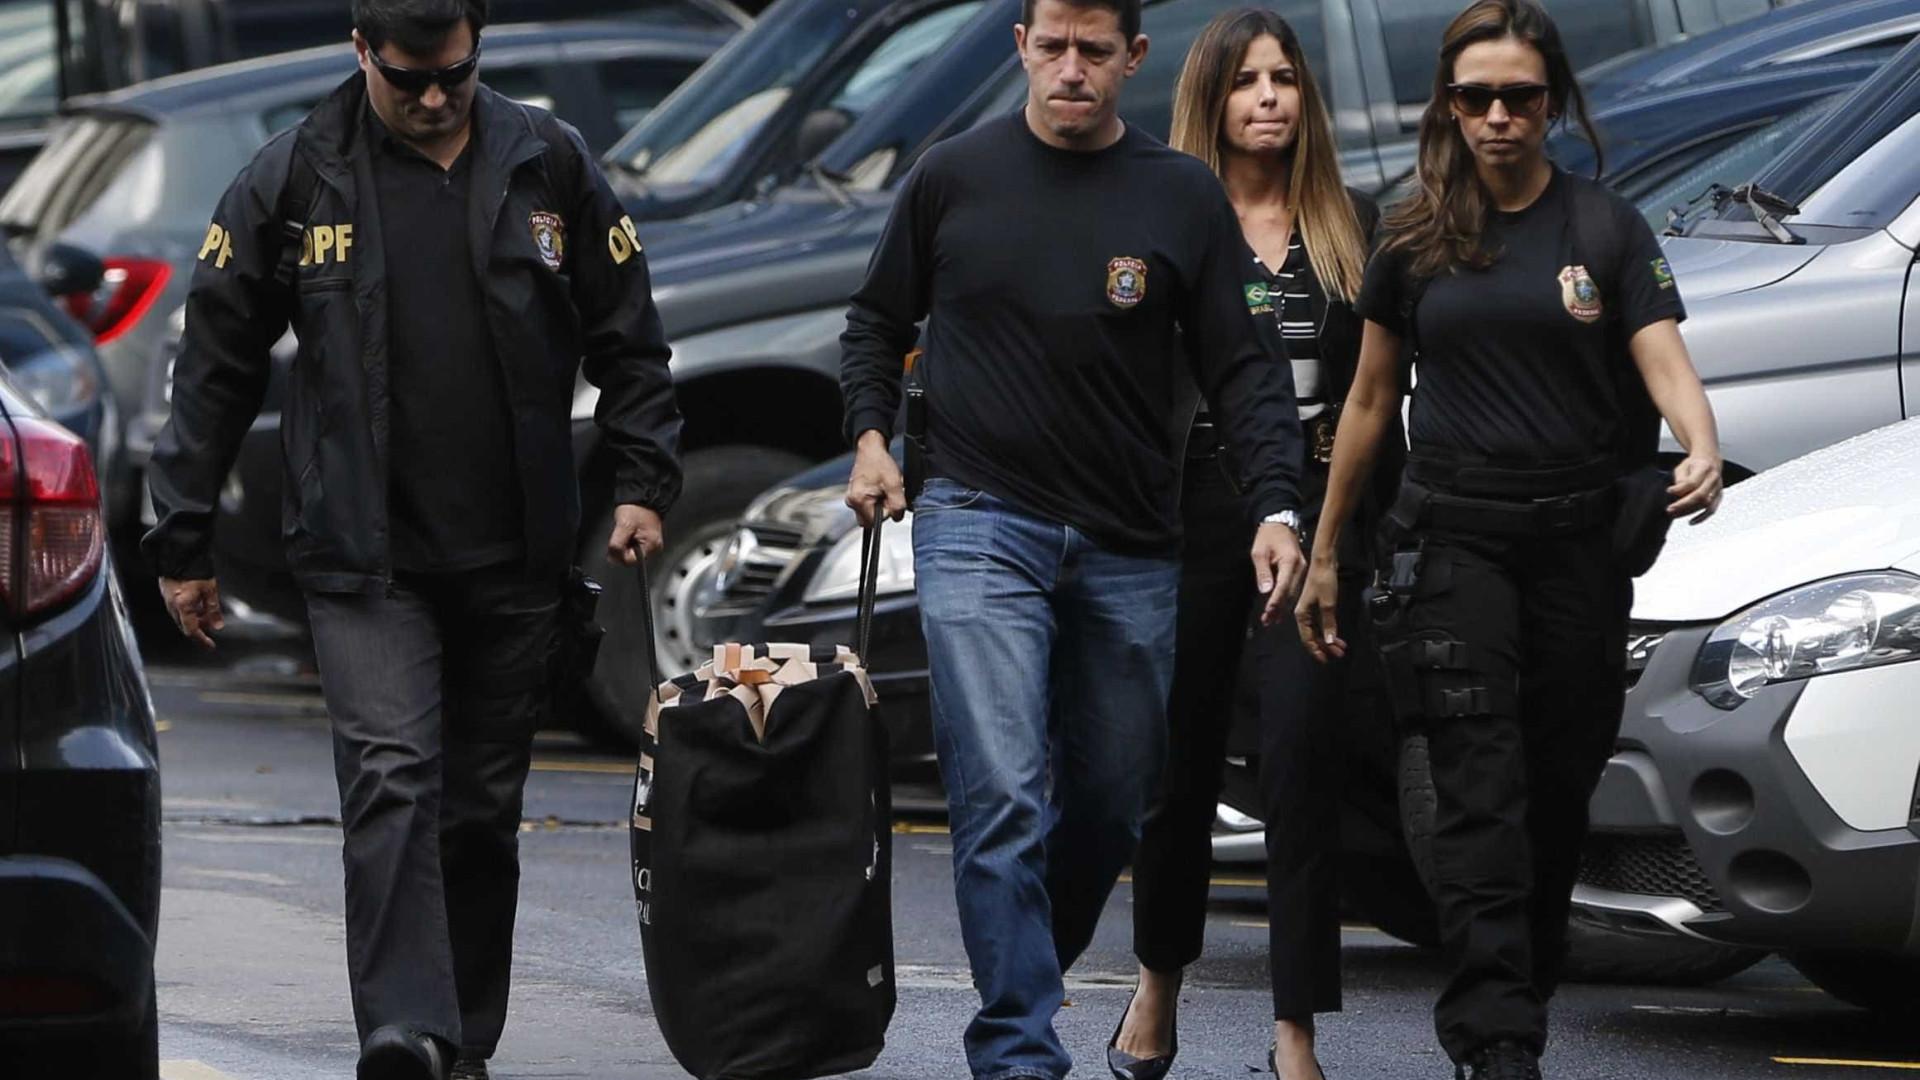 Investigado que foi solto por Gilmar Mendes é preso novamente